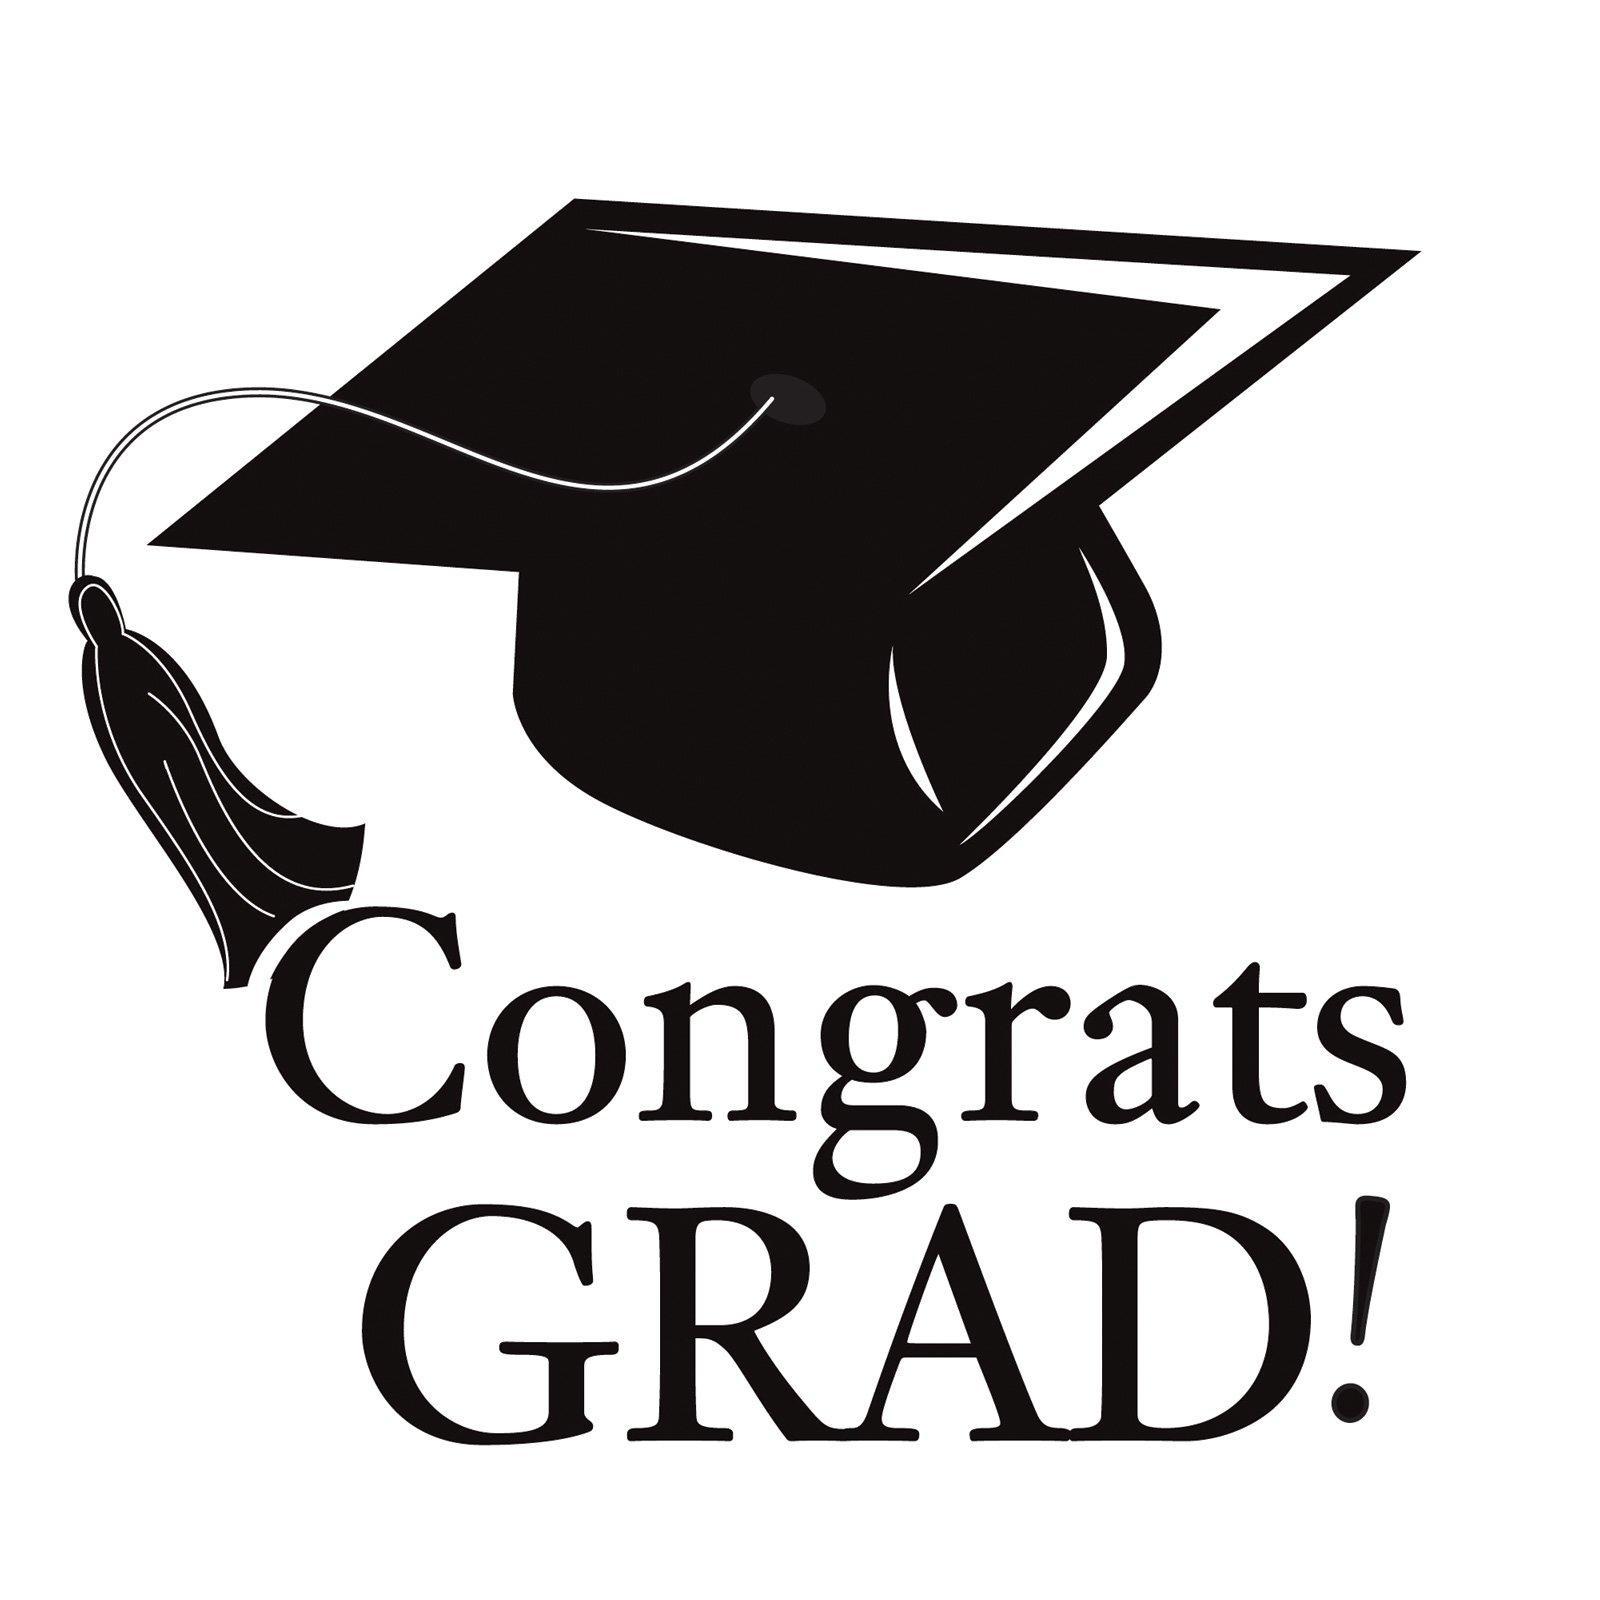 Free Congrats Grad, Download Free Clip Art, Free Clip Art on.